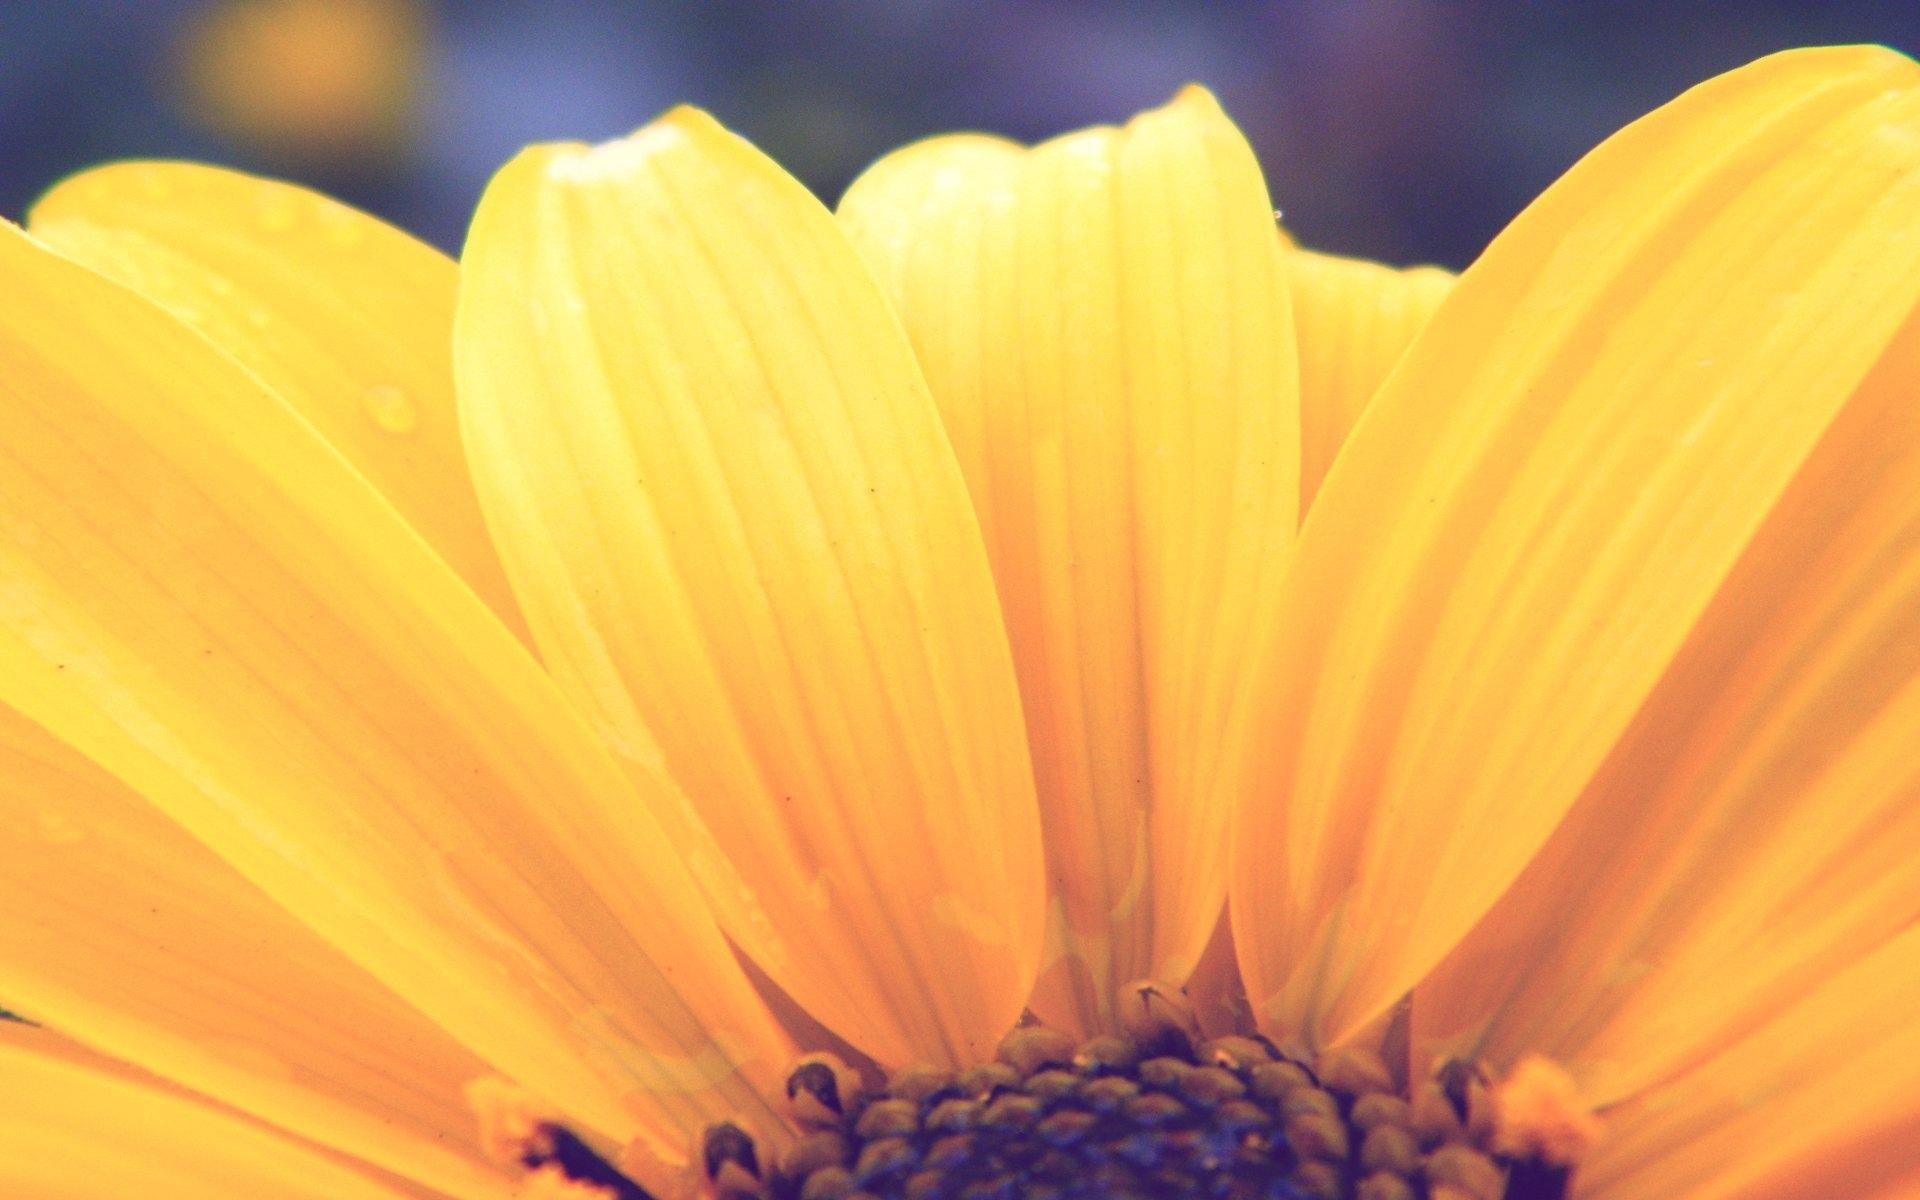 цветок желтый макро бесплатно